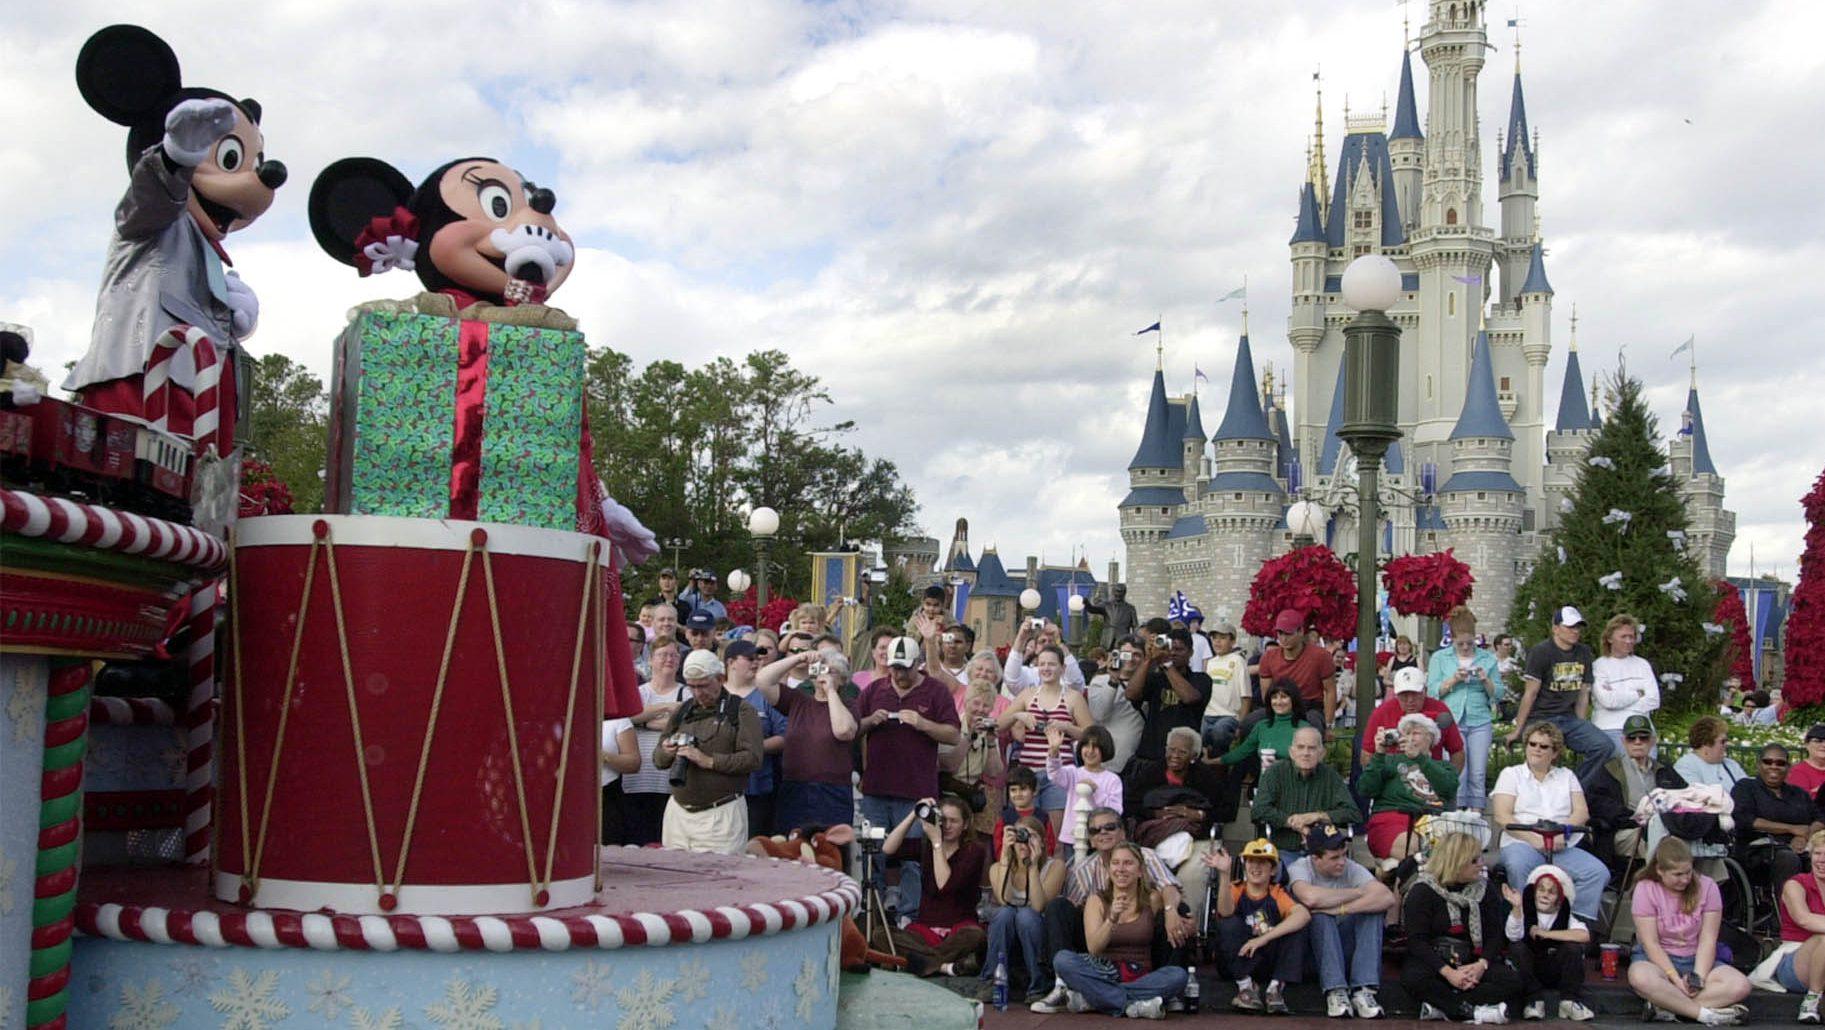 Floria China Disney Parks Glance